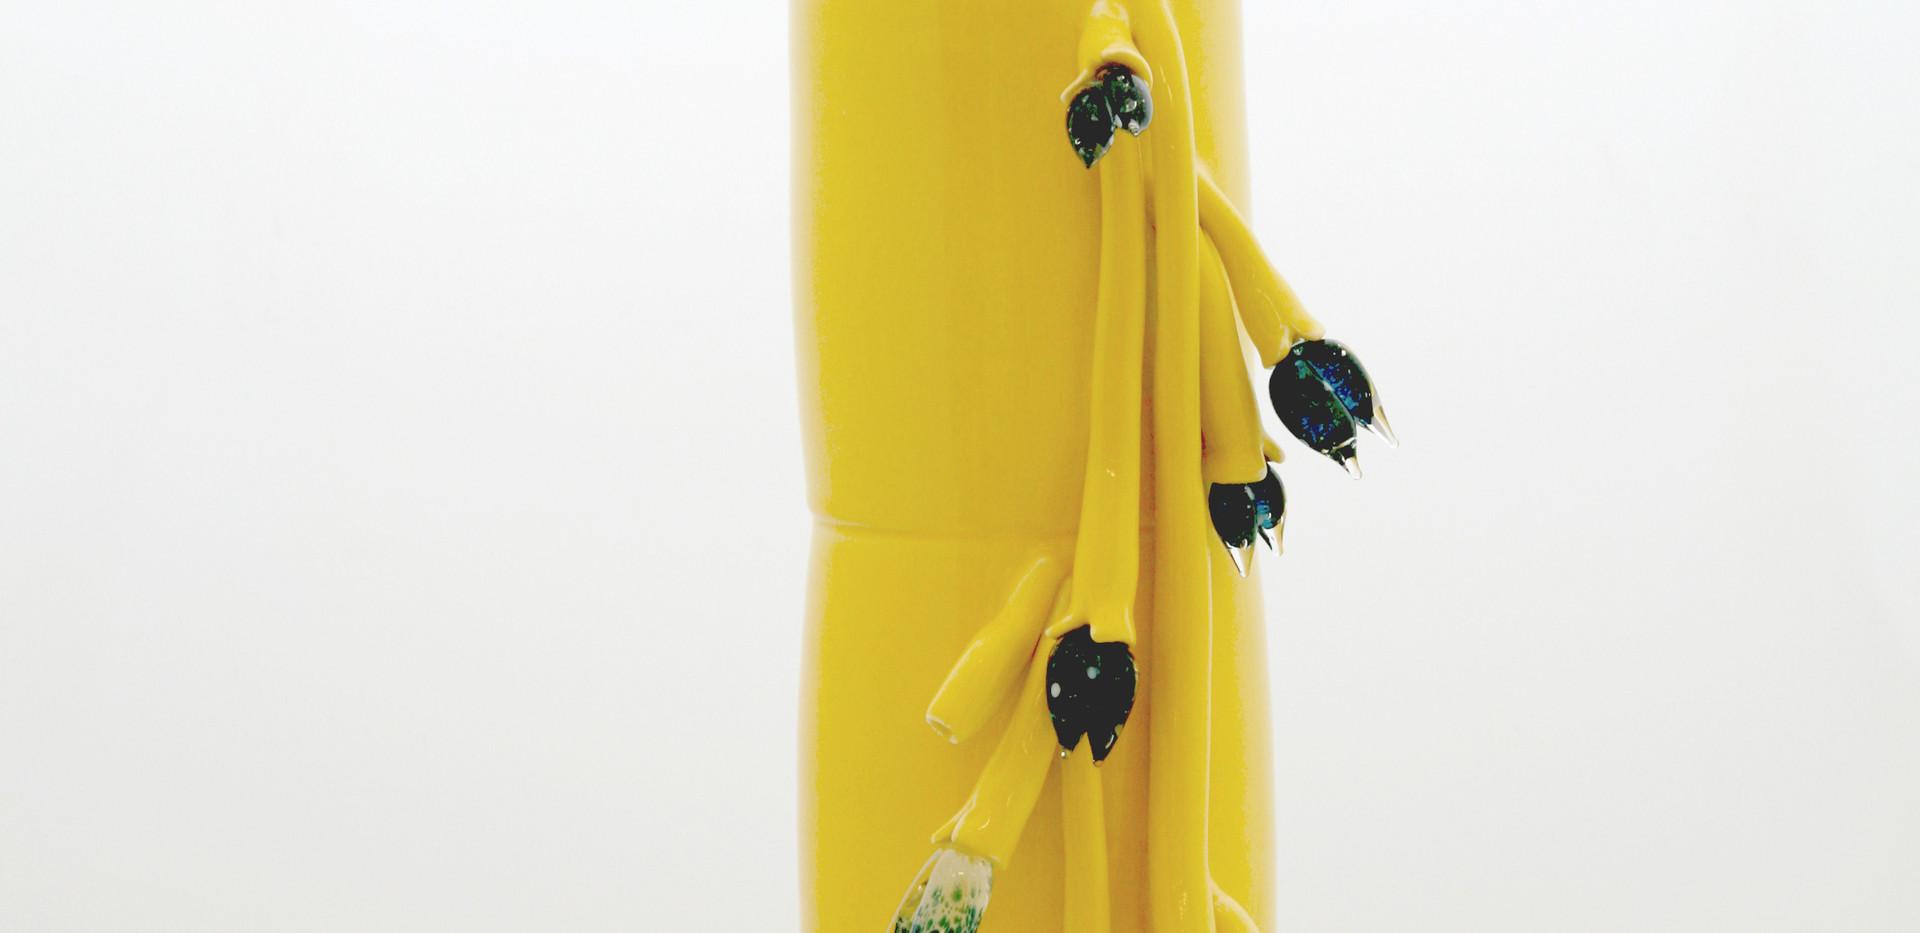 Jaune-yellow